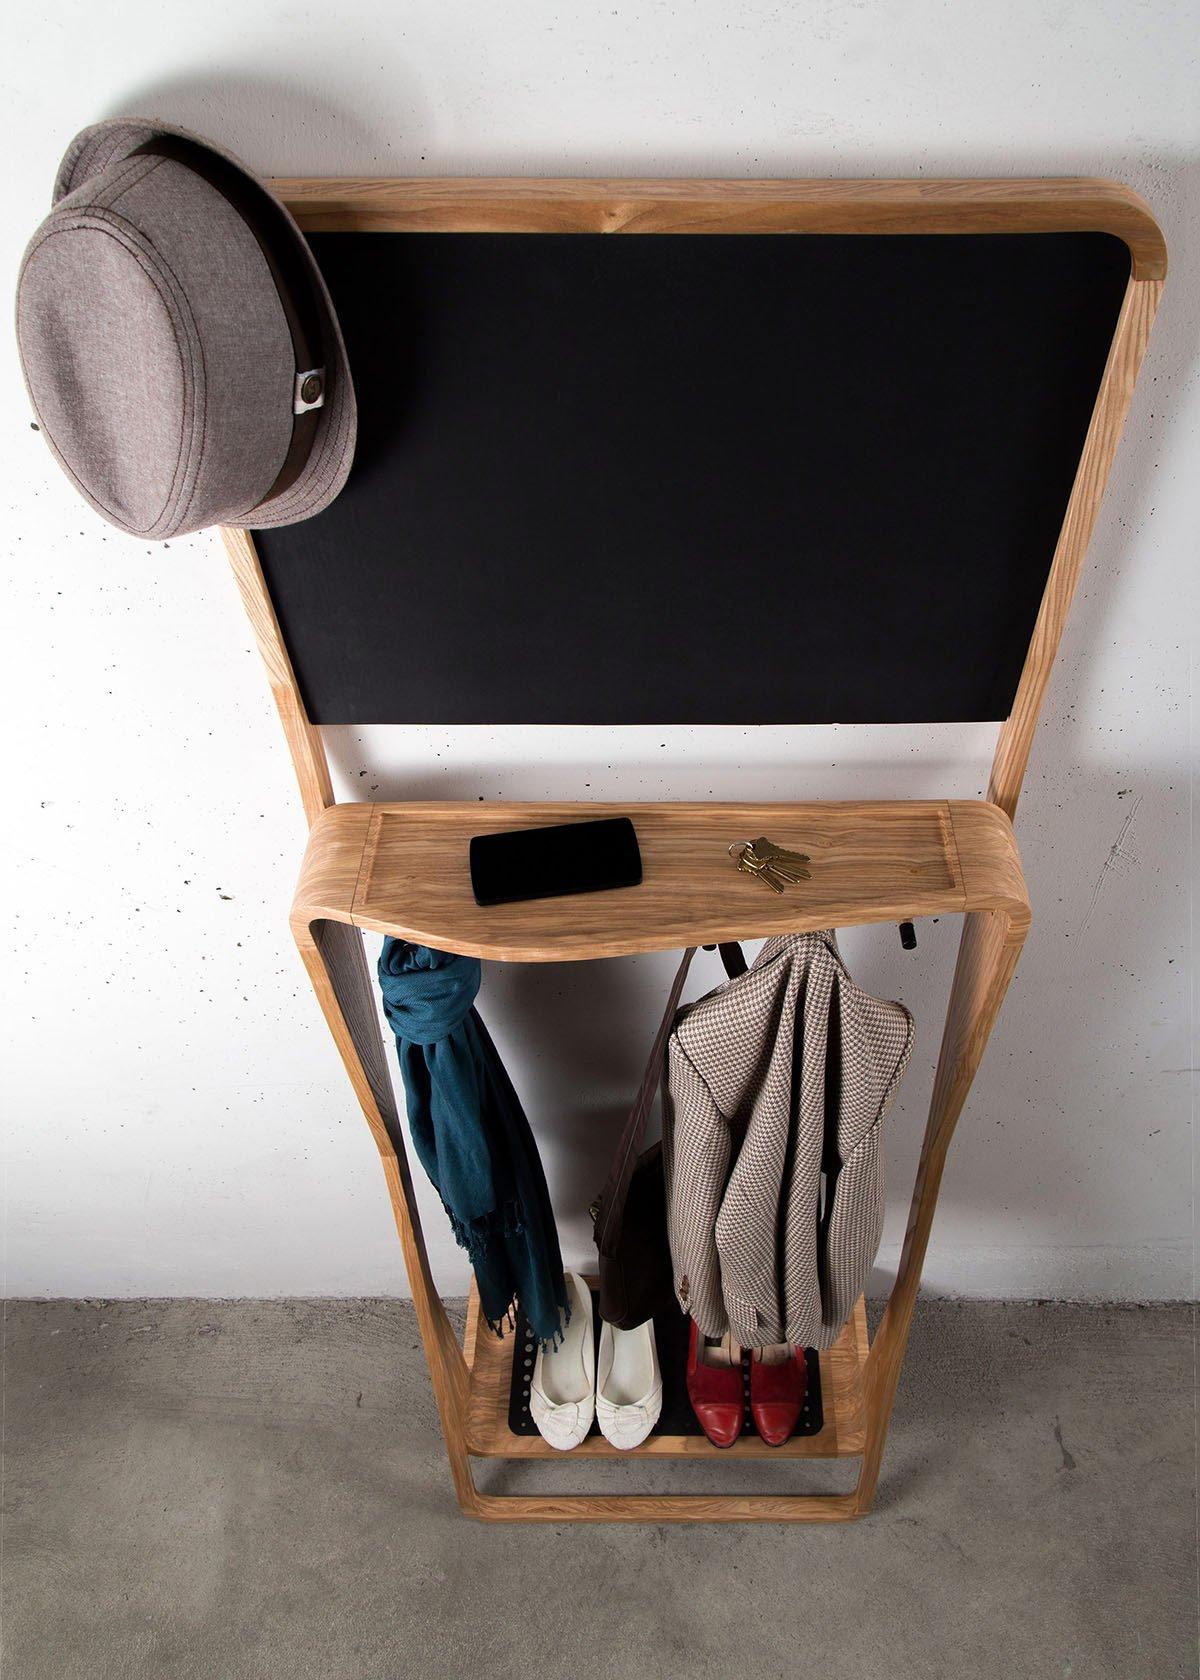 leaning-loop-custom-wood-organizer-10